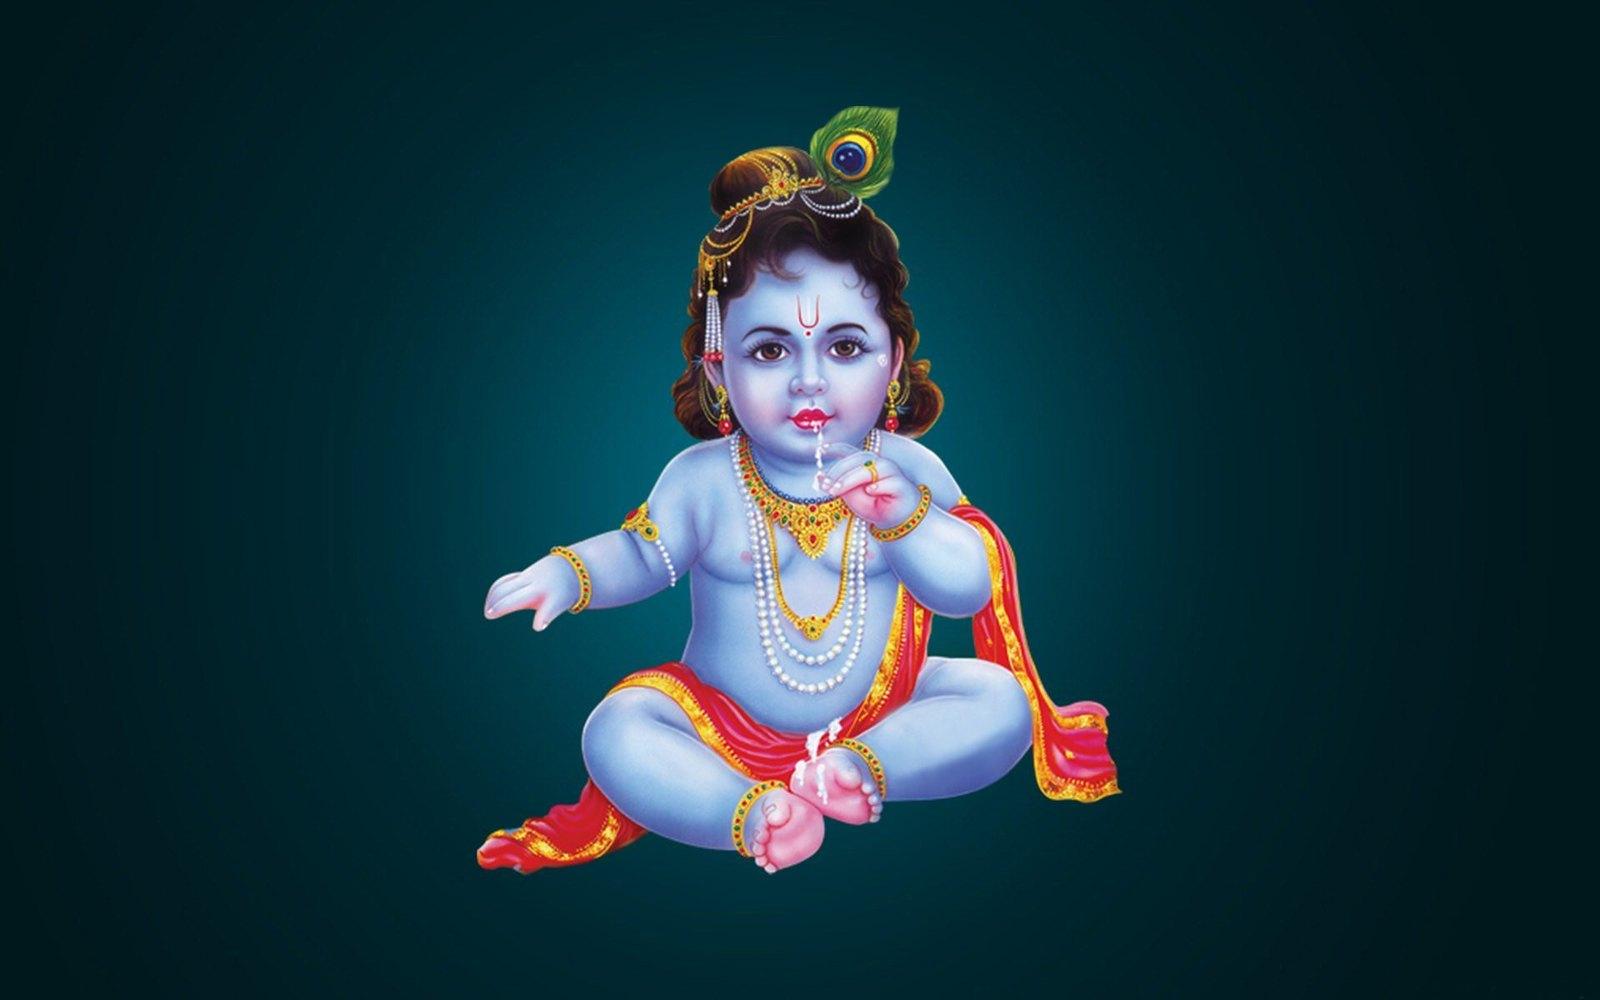 lord krishna wallpaper hd